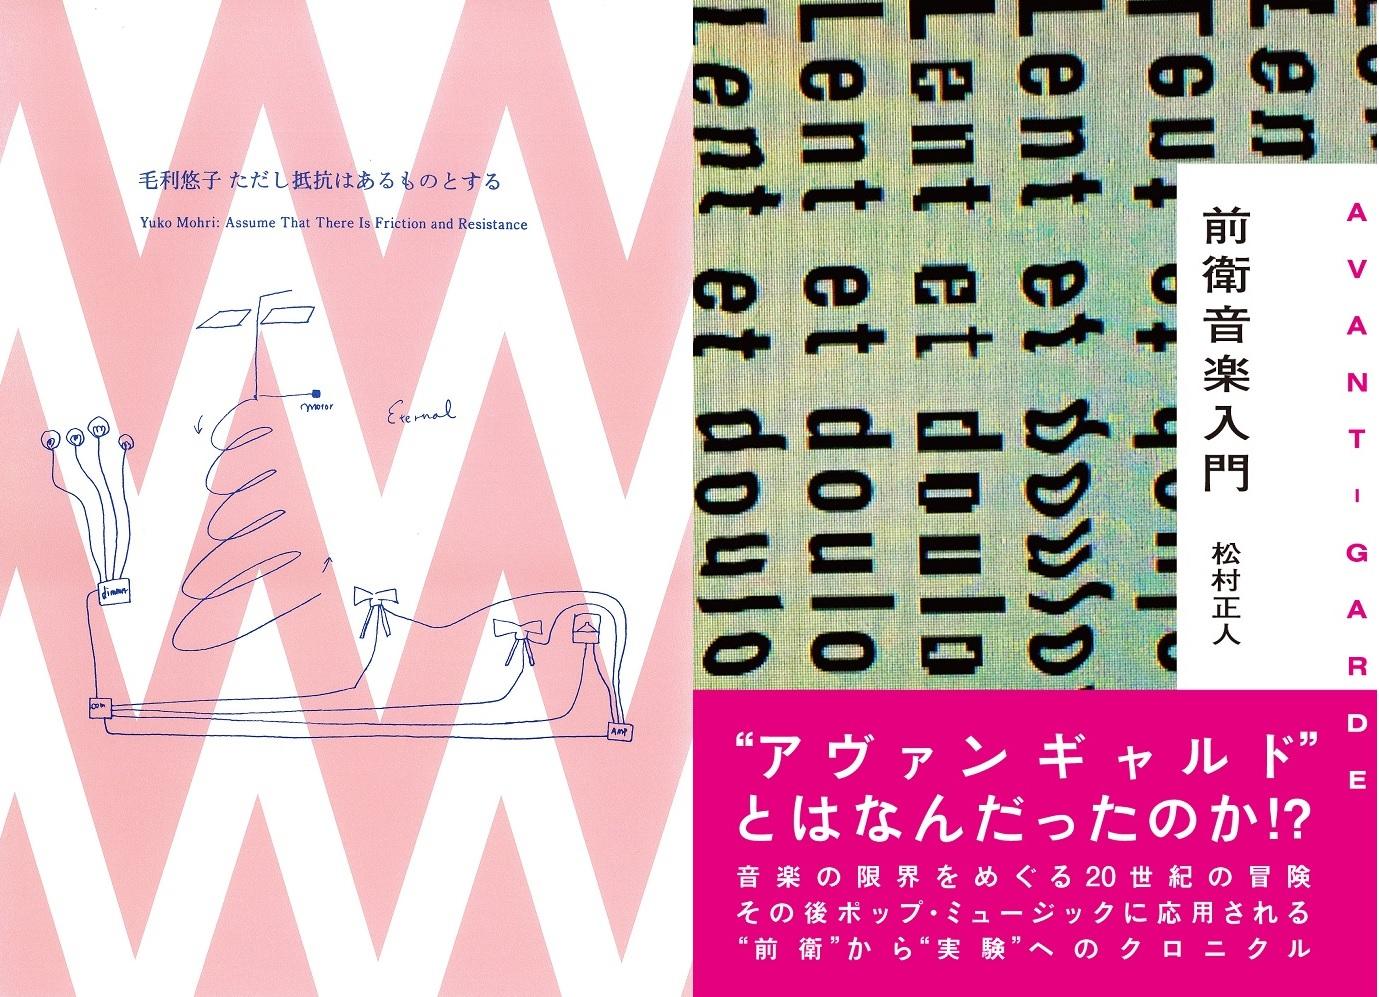 松村正人『前衛音楽入門』&#038; 毛利悠子『ただし抵抗はあるものとする』<br>W出版記念トーク